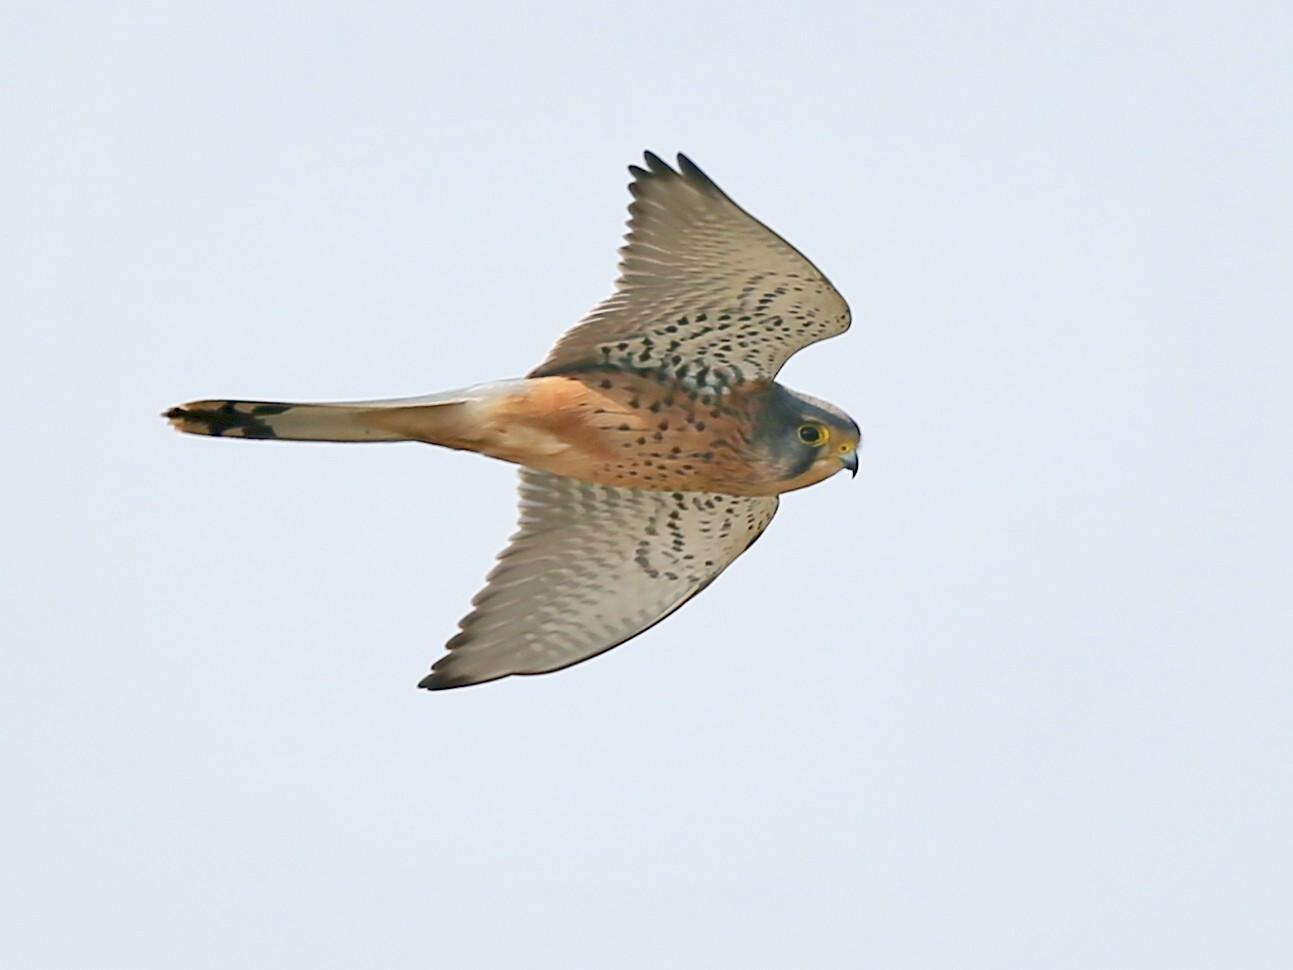 Eurasian Kestrel - Ting-Wei (廷維) HUNG (洪)